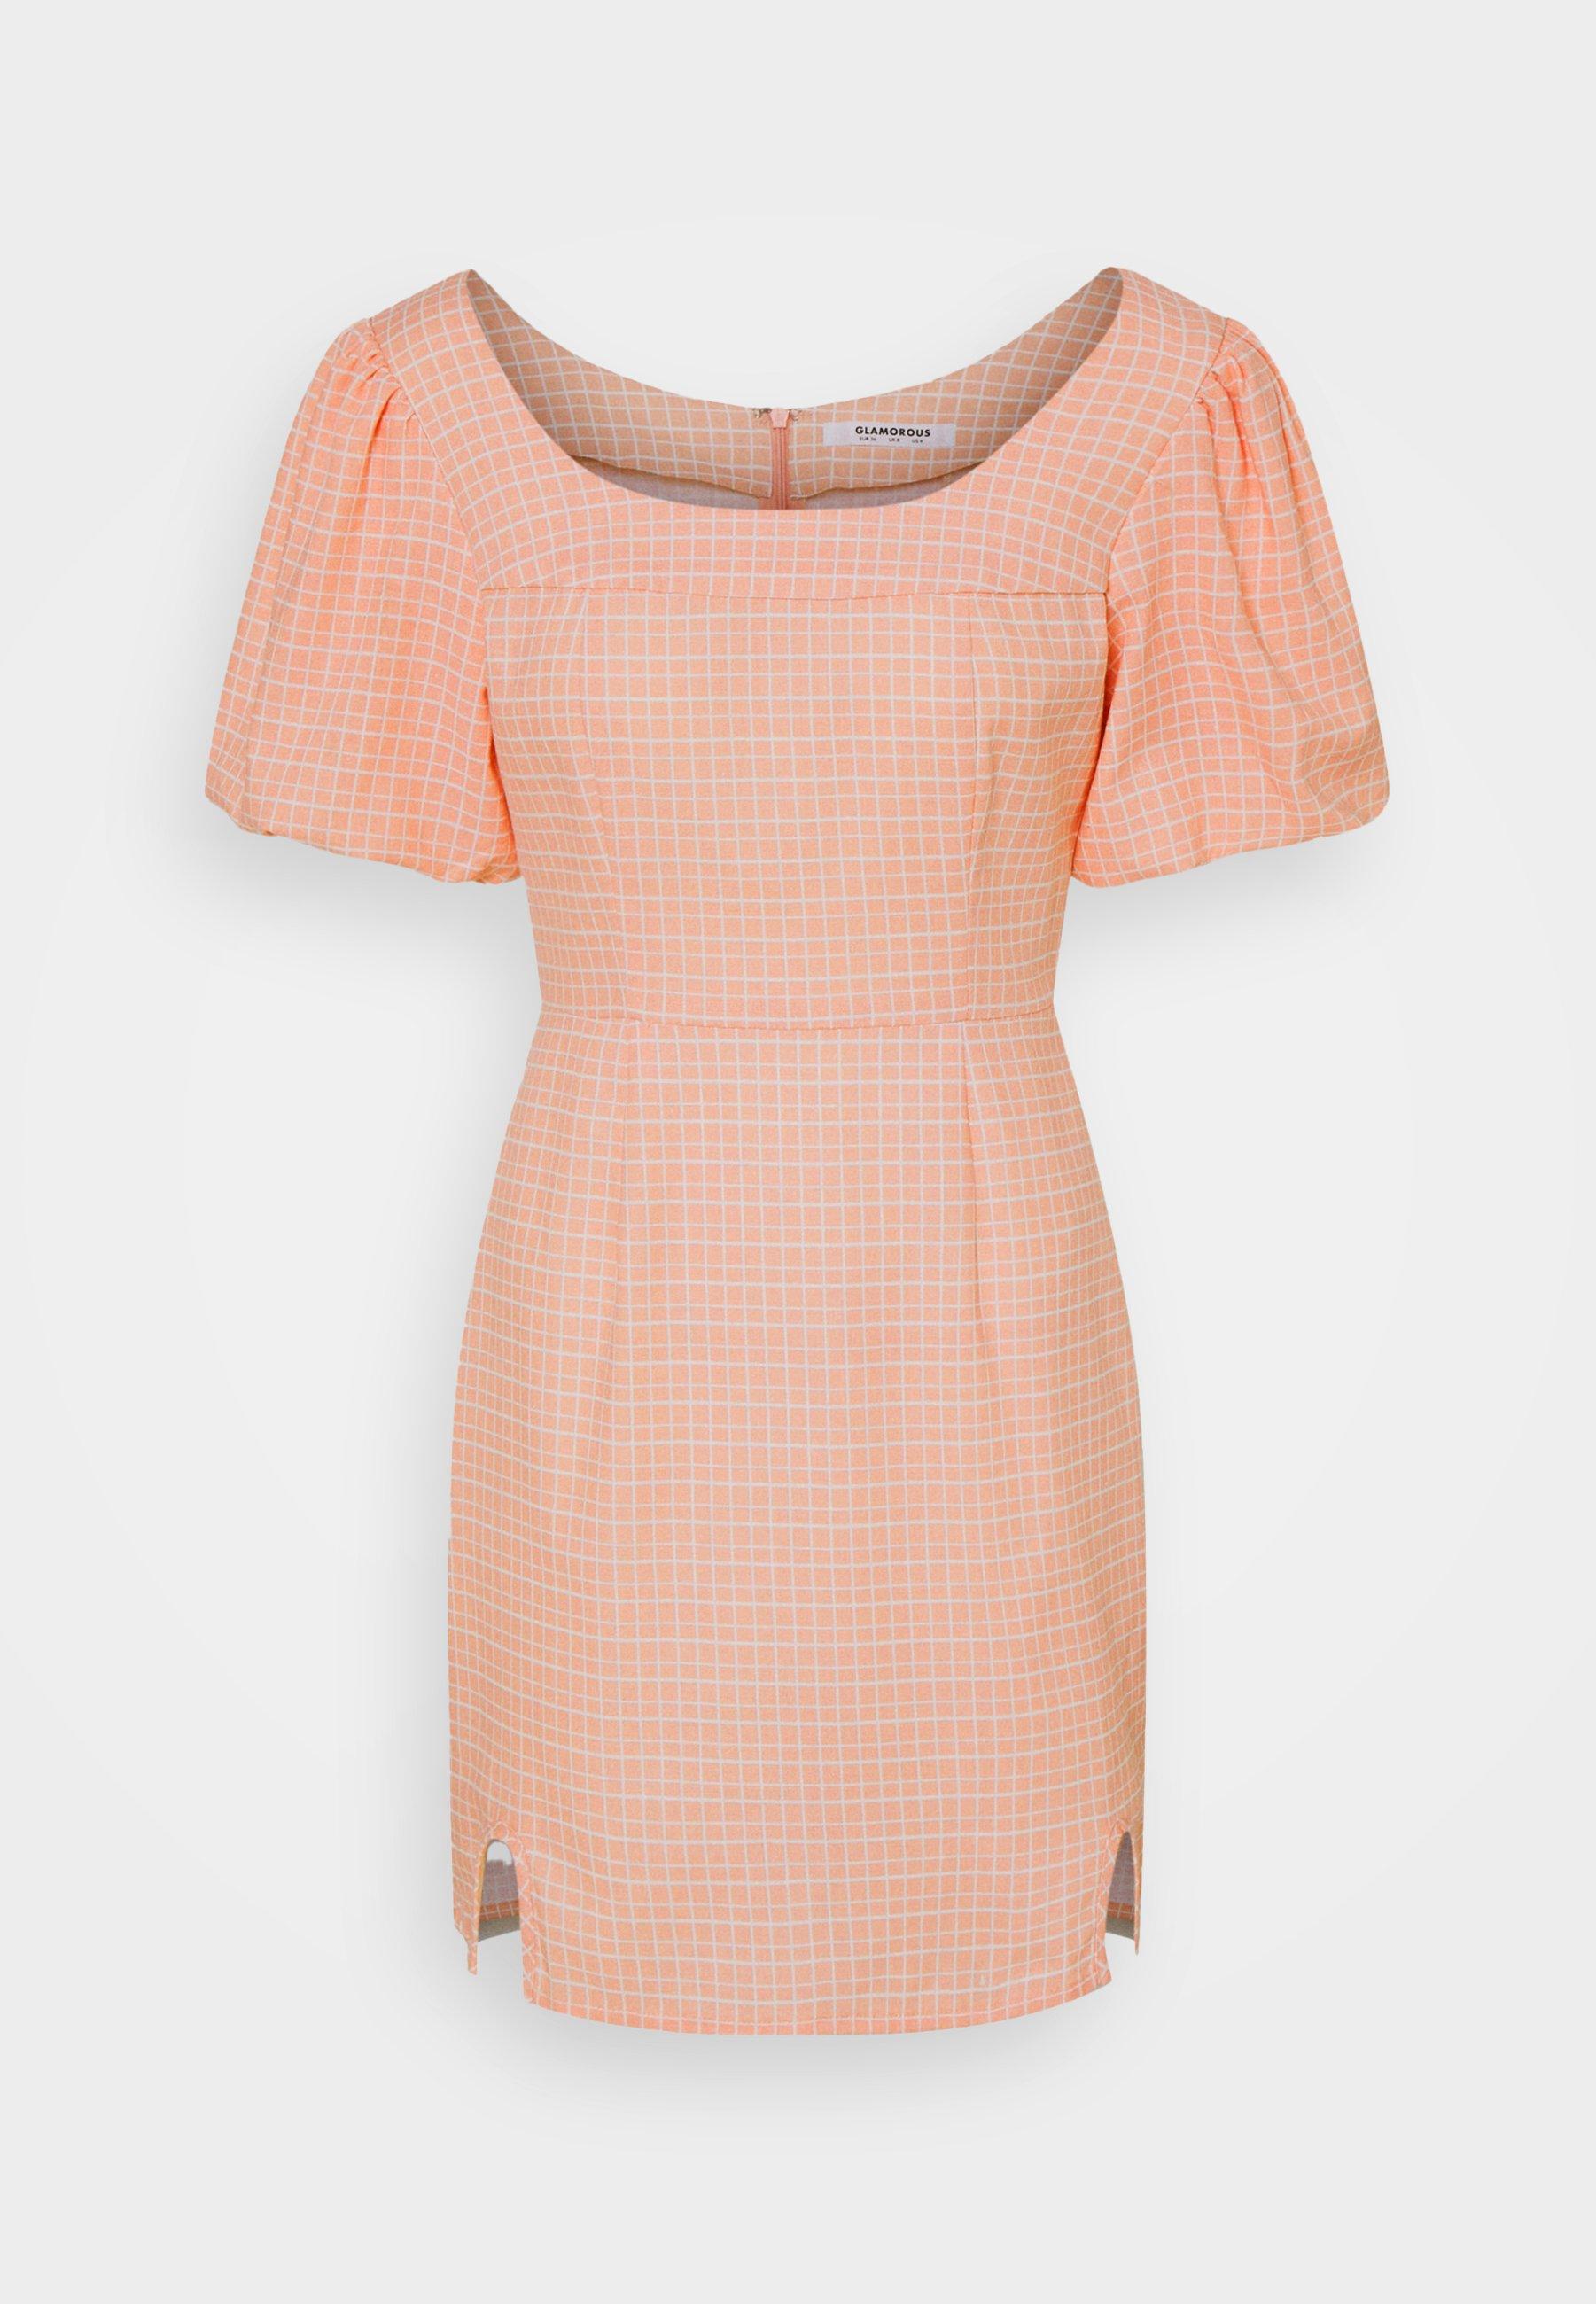 Donna SEERSUCKER MINI DRESSES WITH LOW ROUNDED SQUARE NECKLINE - Vestito estivo